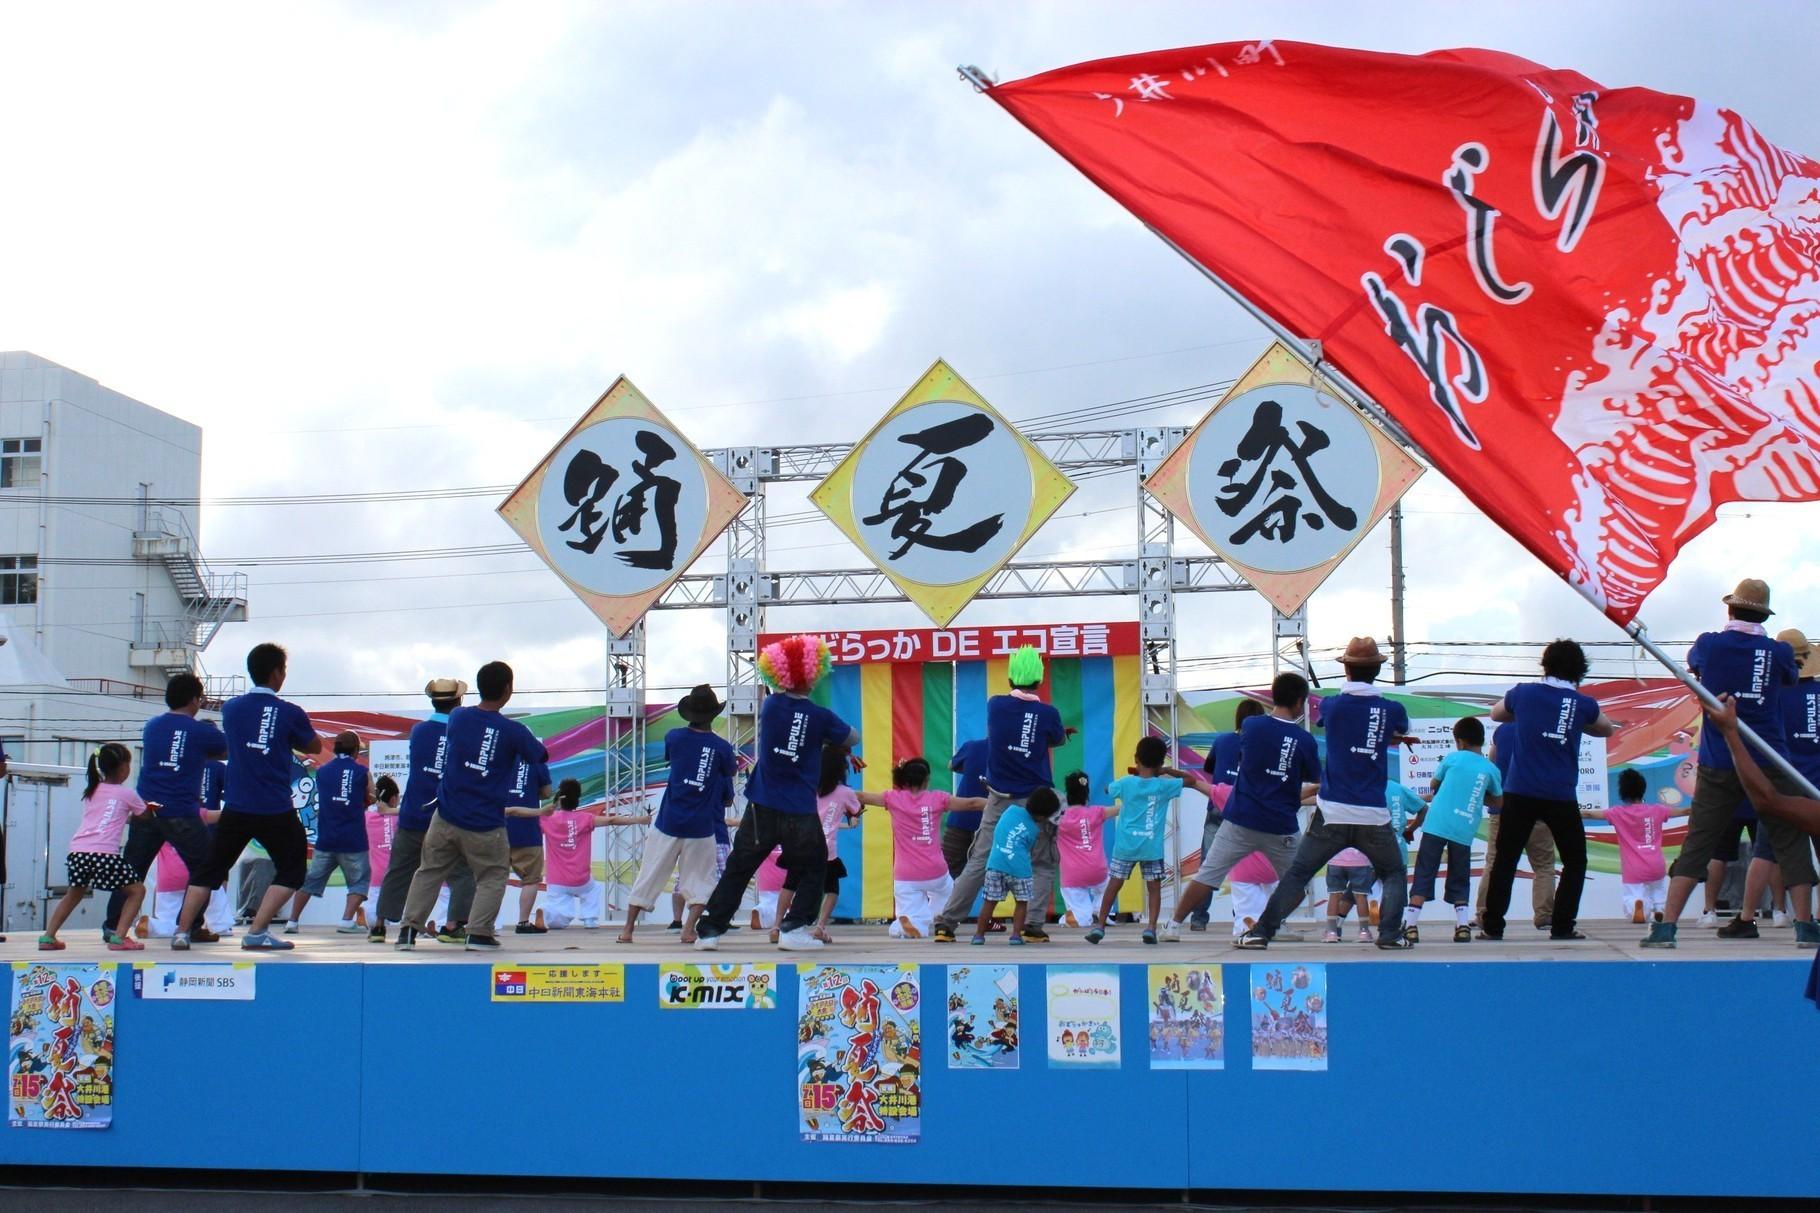 踊夏祭 フリーステージ参加(ソーラン大井川)